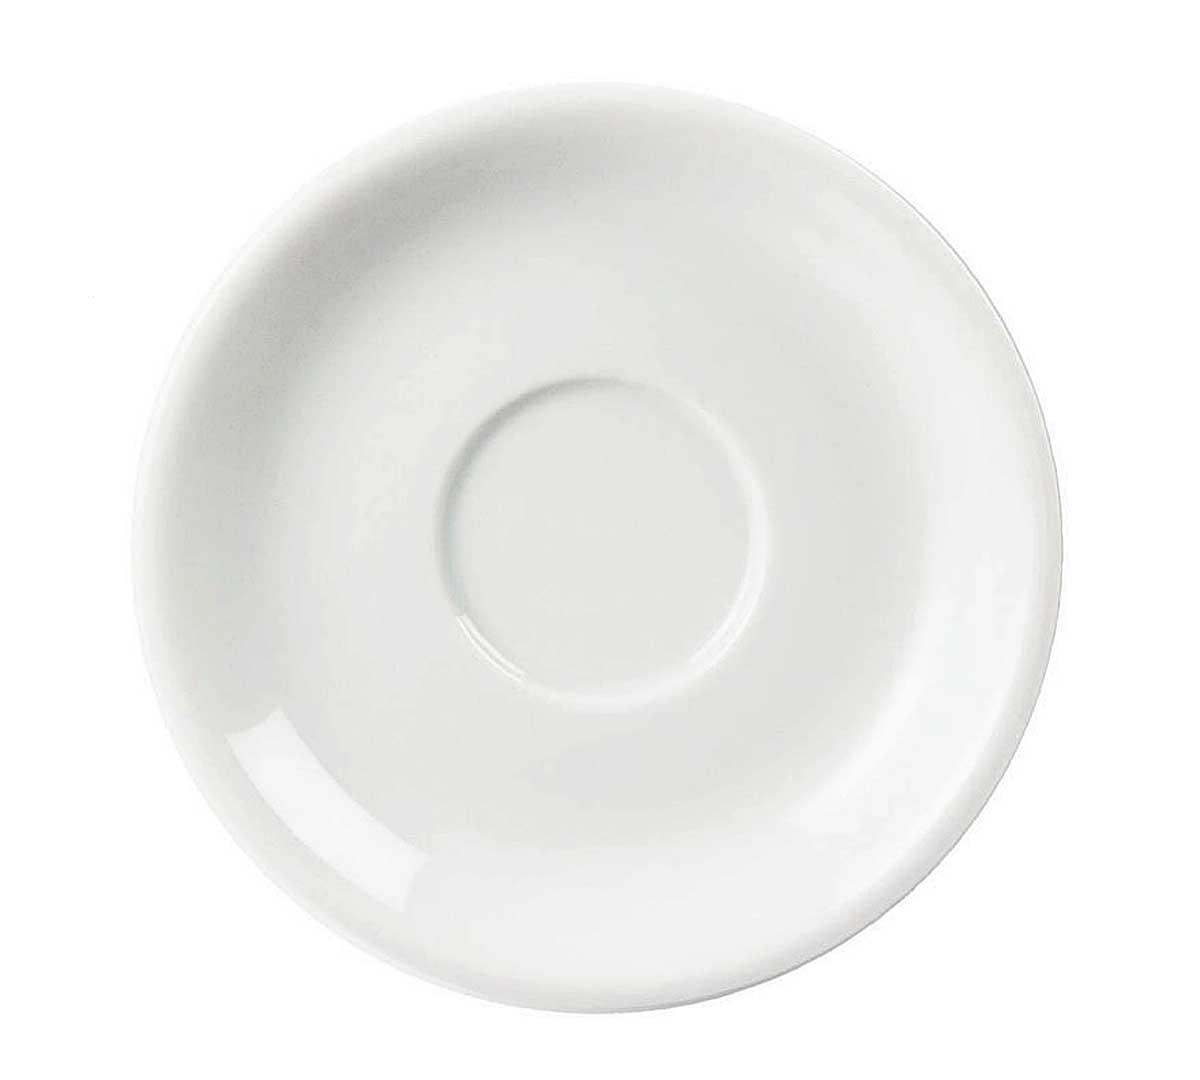 Serie porcelana blanca tazas de olympia for Platos porcelana blanca